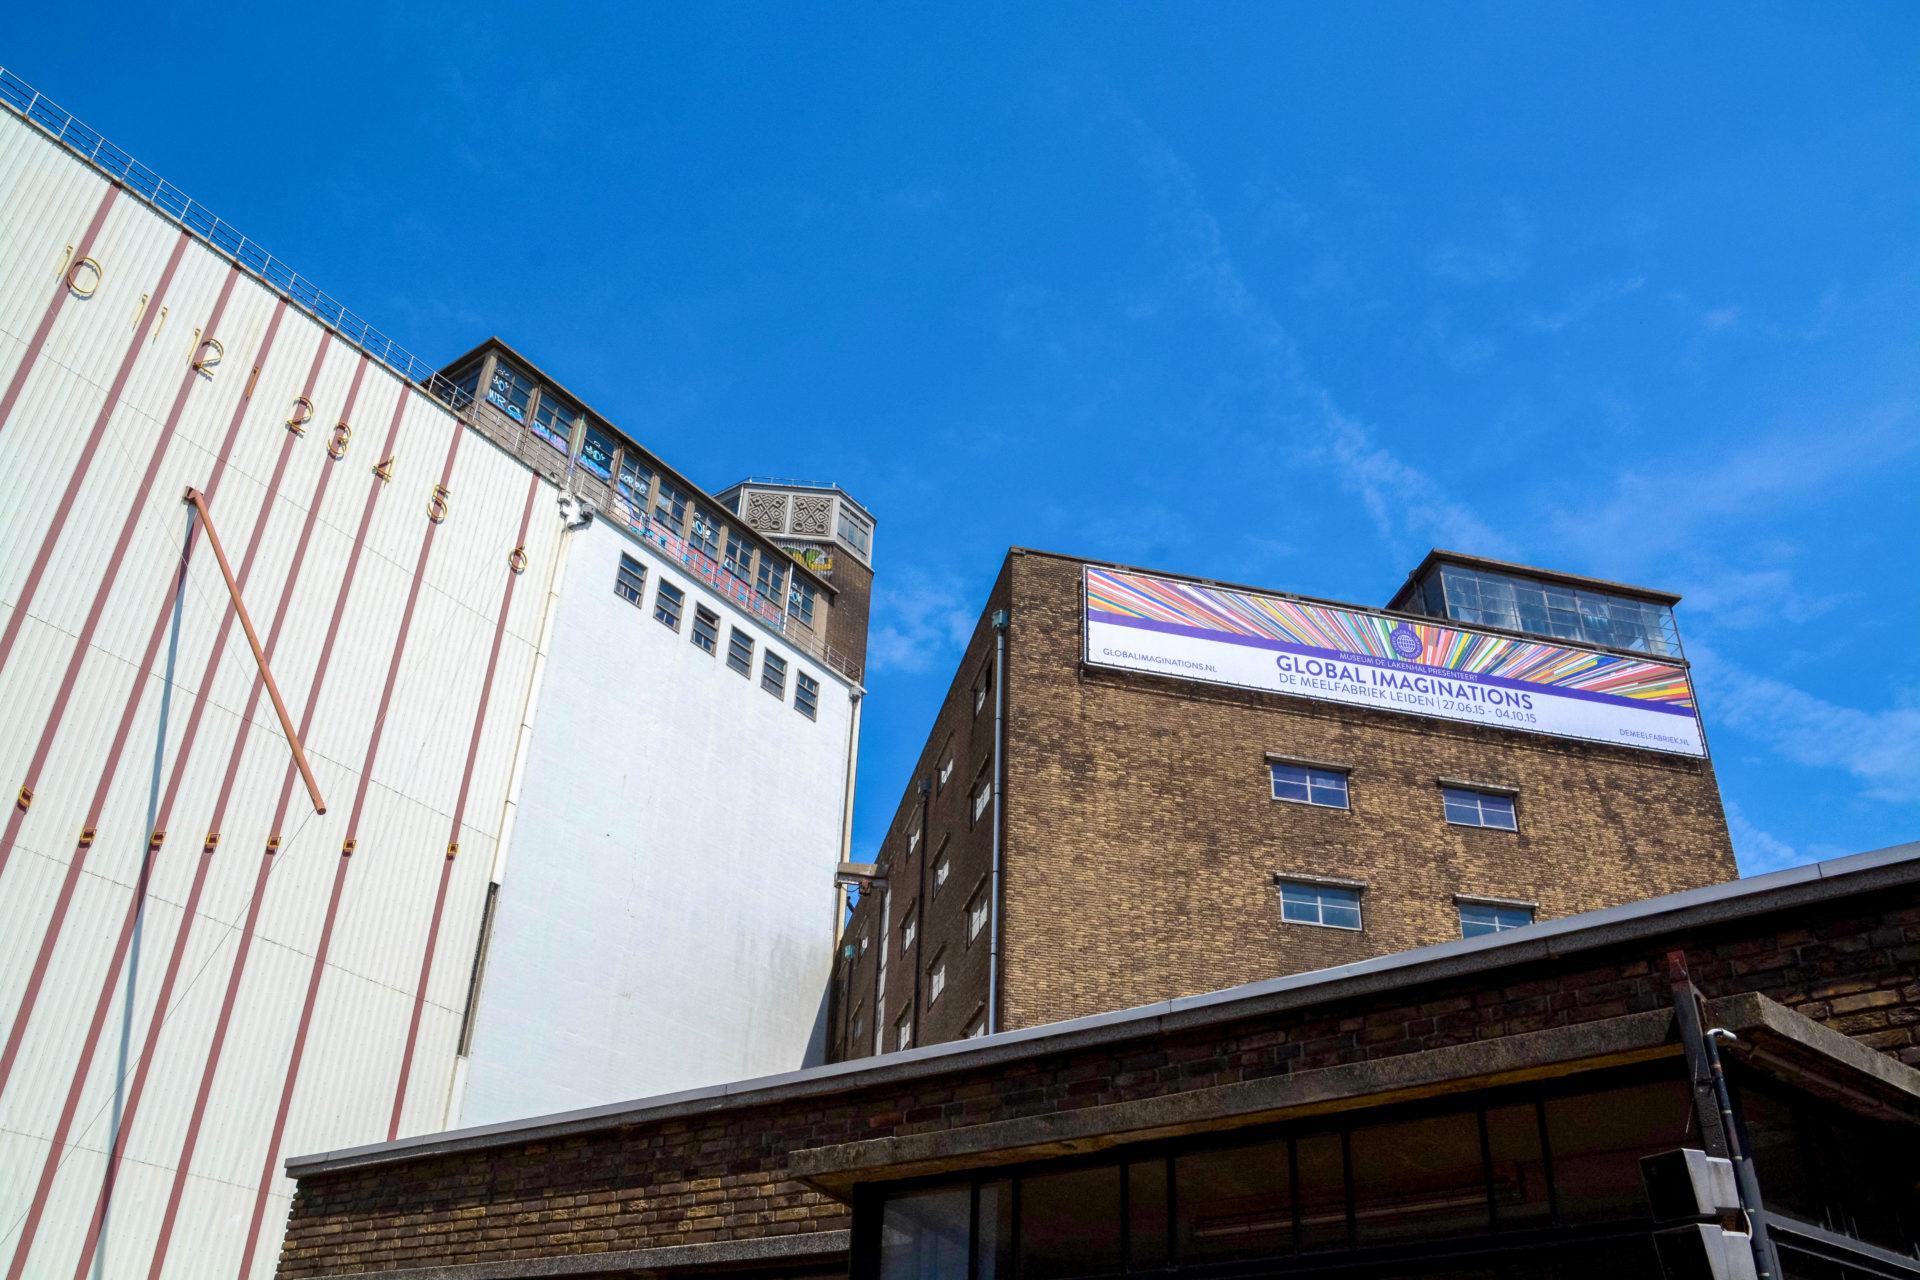 Eine alte Fabrik Leiden gehört zu den weniger bekannten Sehenswürdigkeiten in Leiden